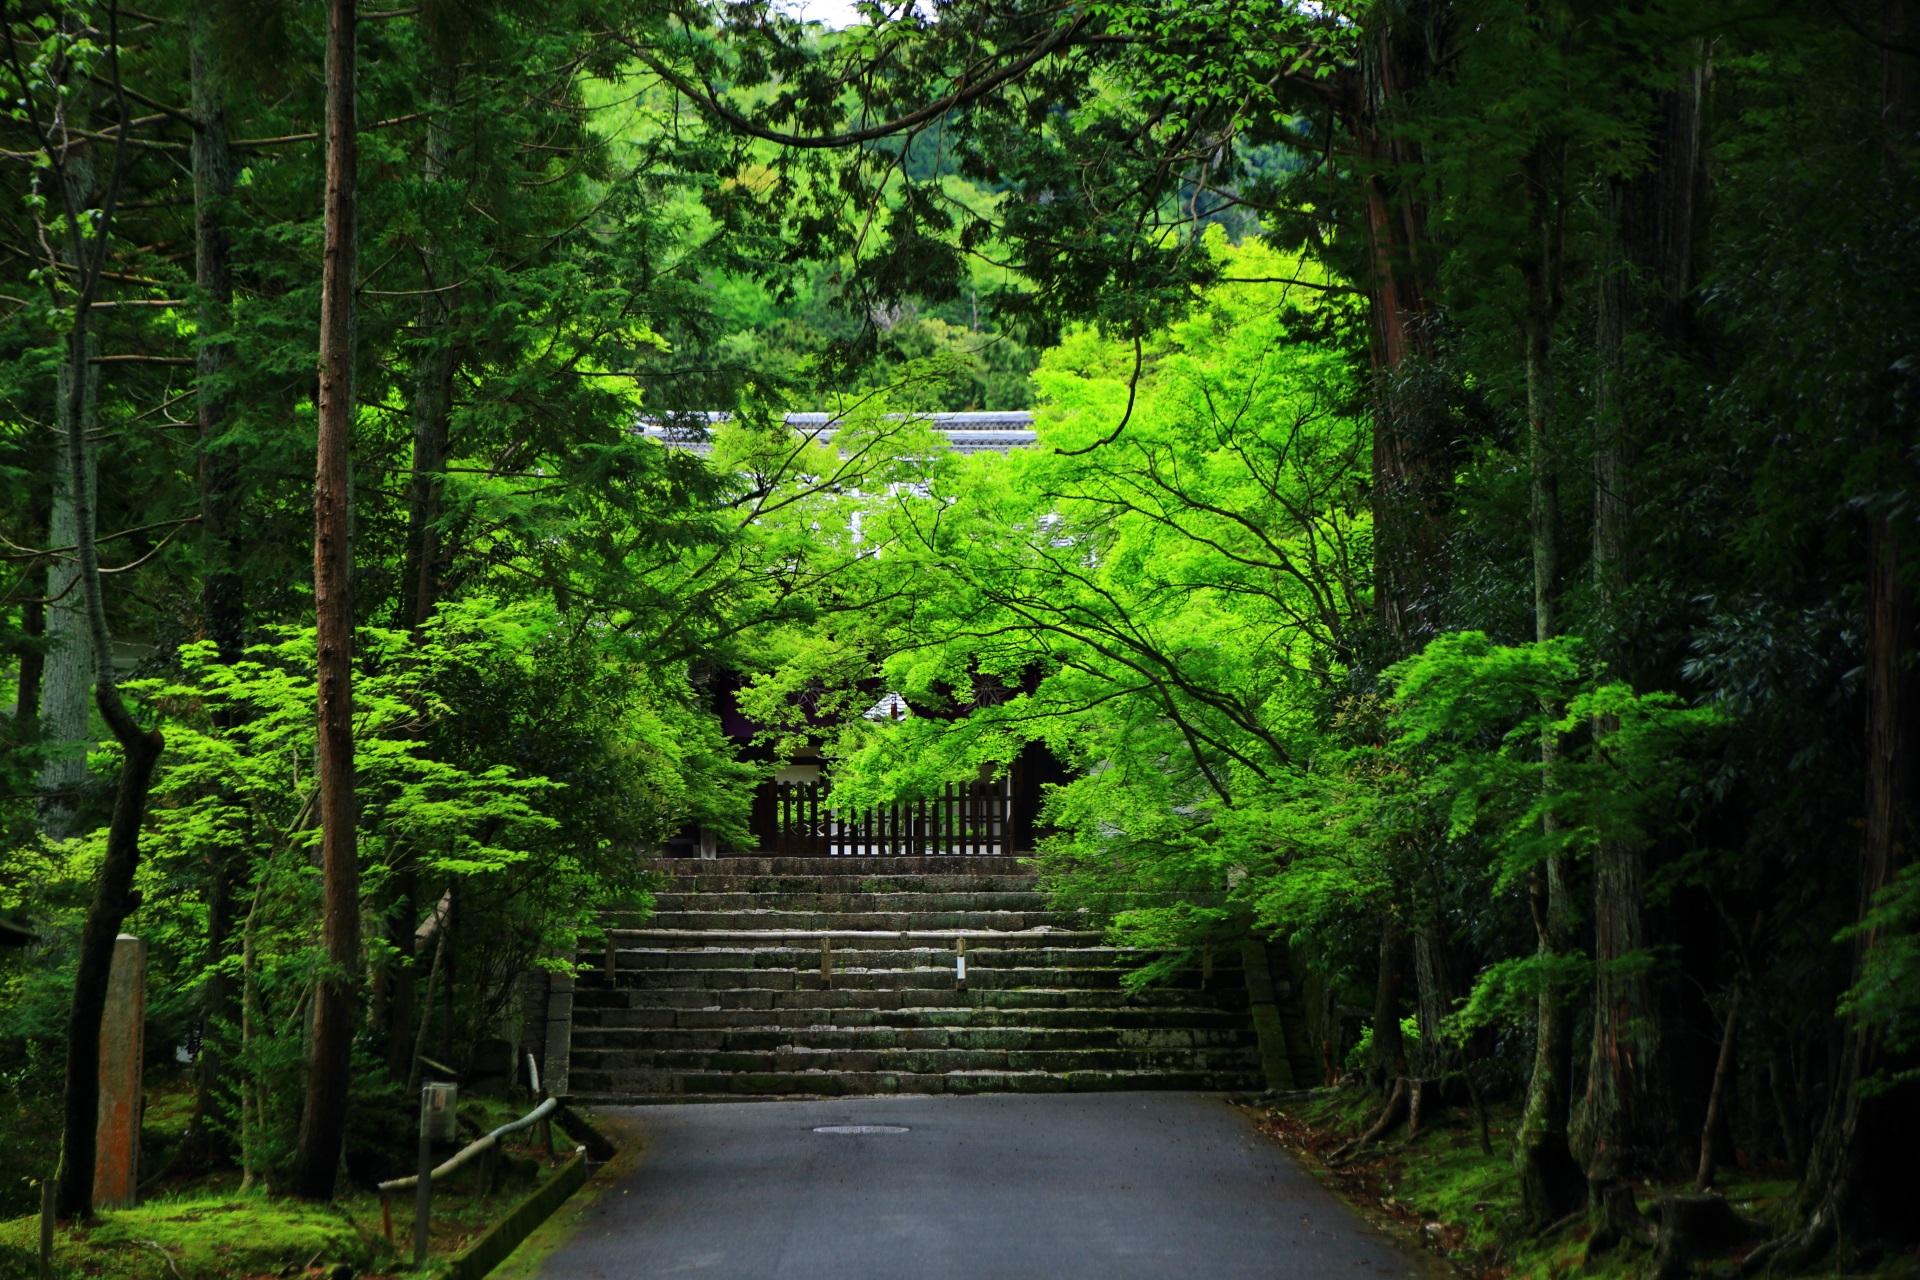 自然につつまれる曼殊院の勅使門をそめる眩い緑